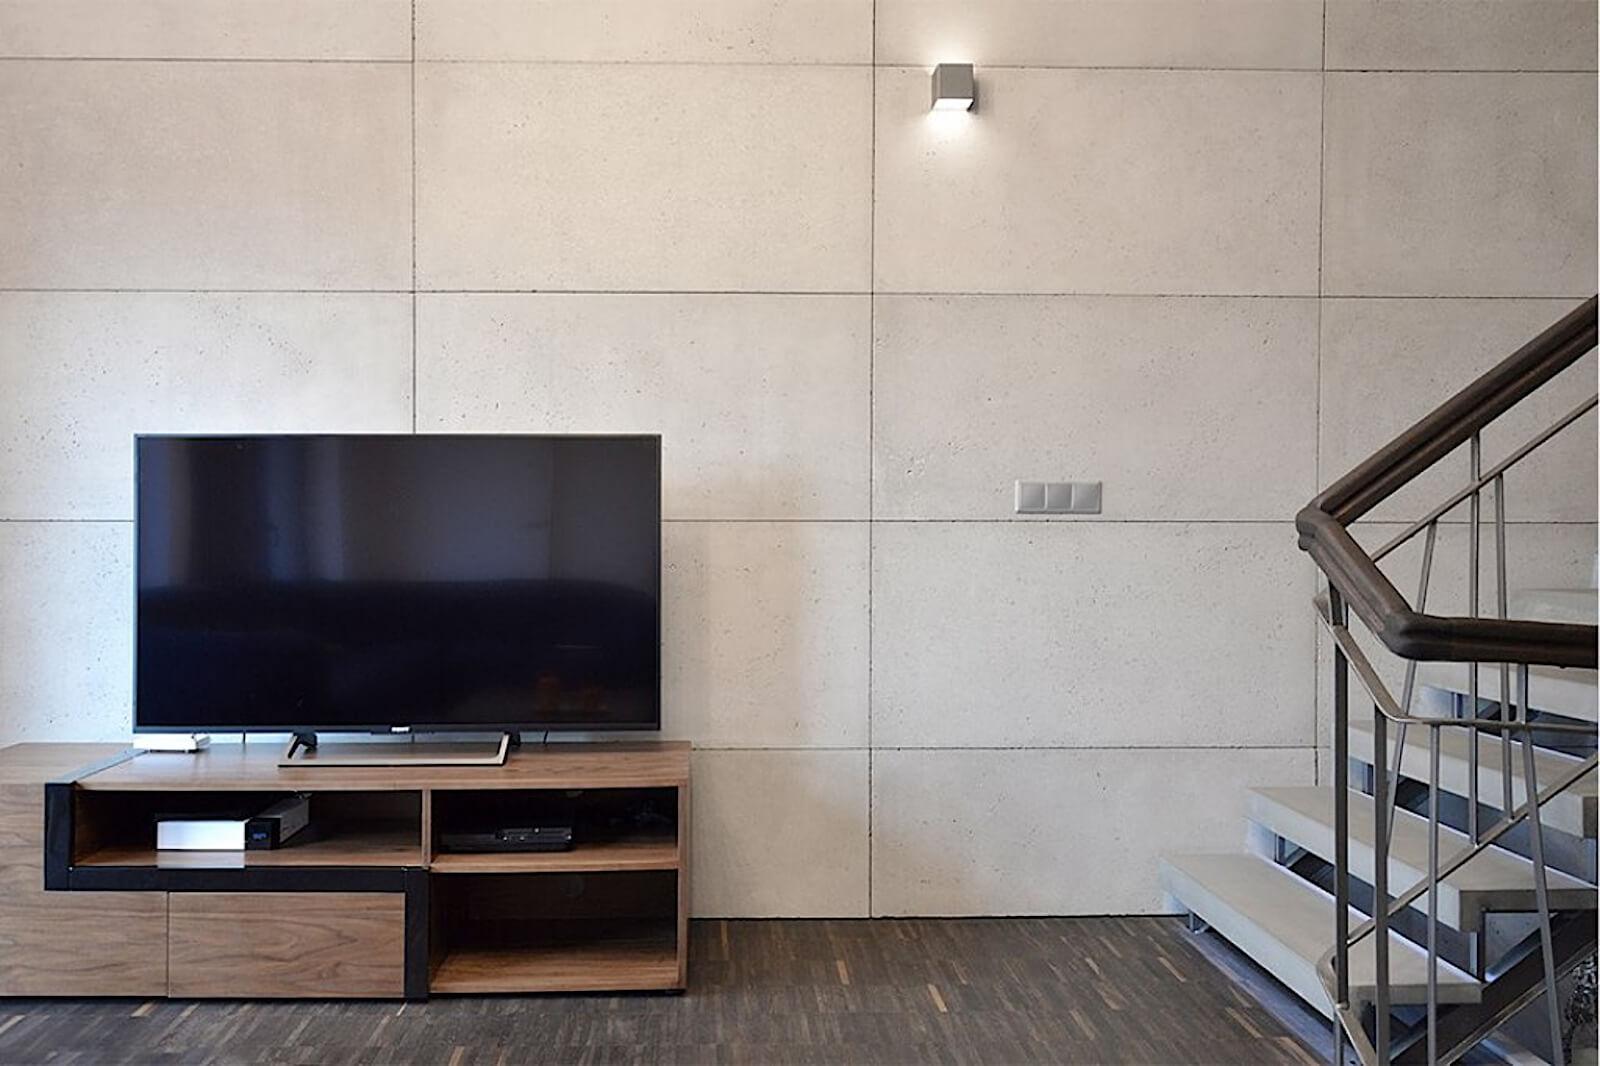 minimal concrete 3D tiles